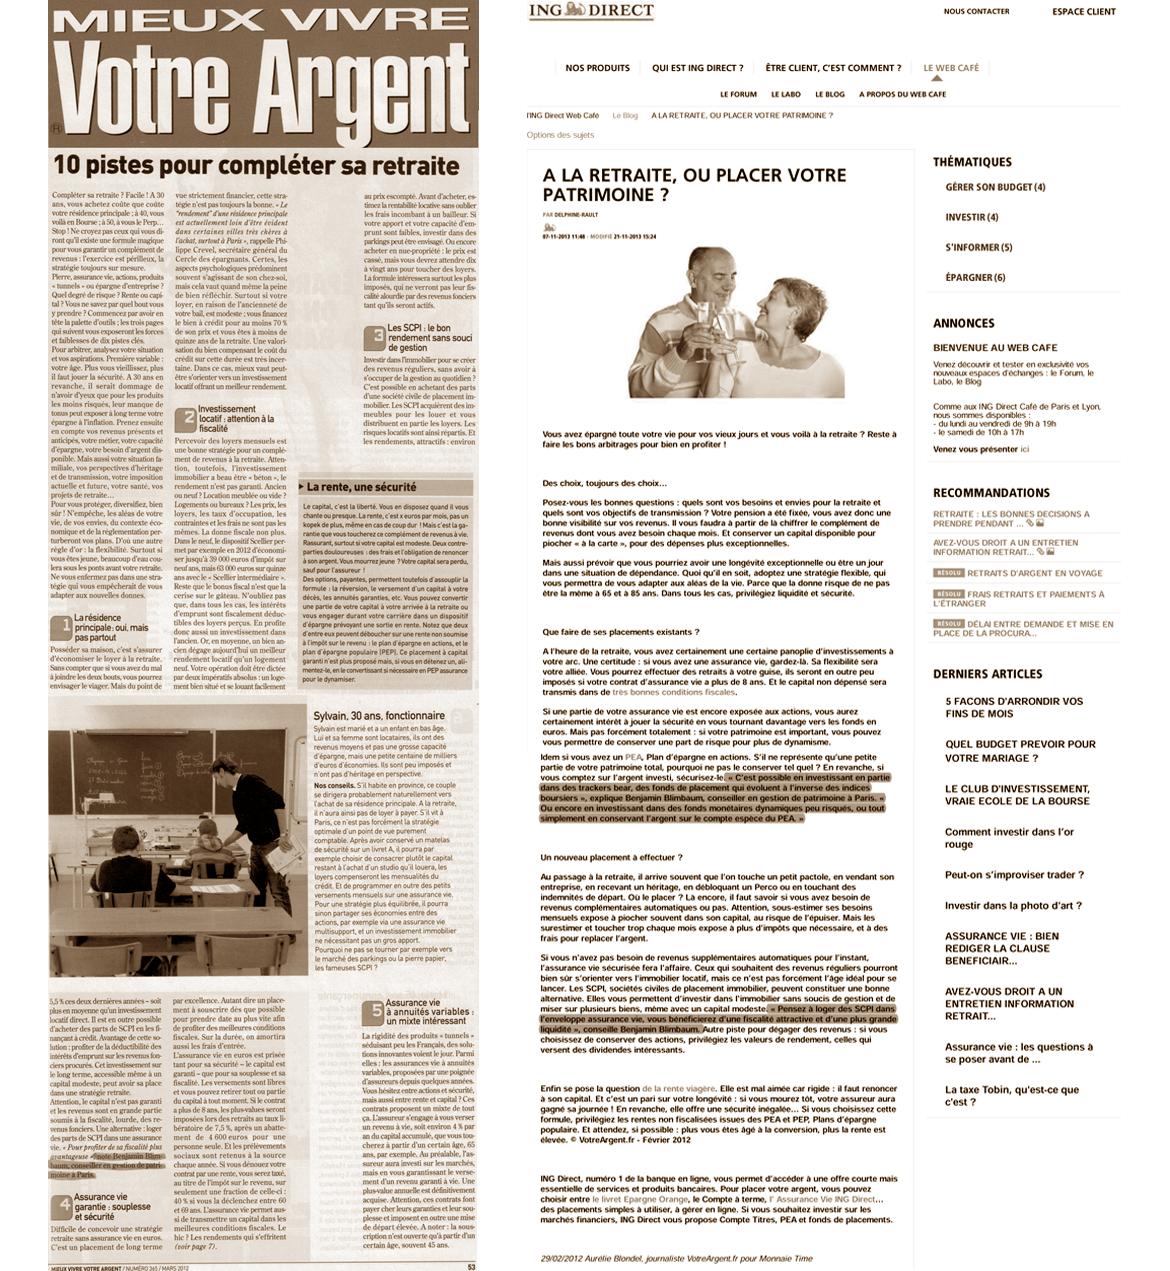 Article-Bnejamin-Blimbaum